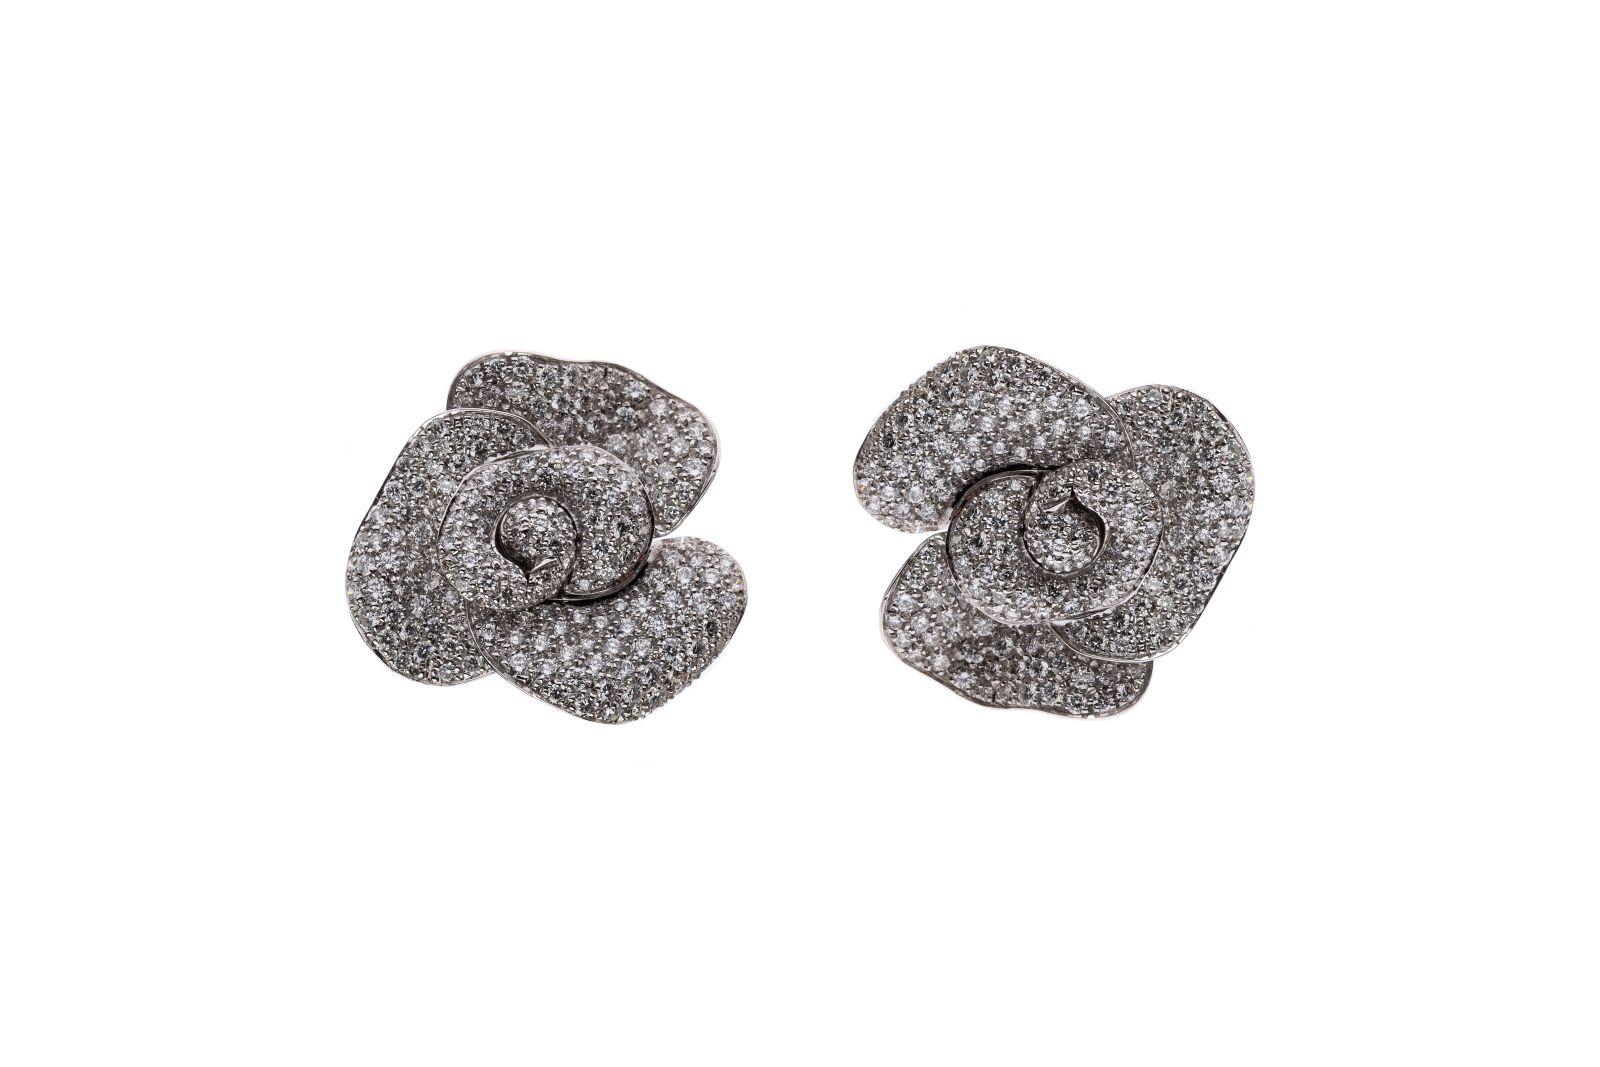 #104 Ear clips flowers | Ohrclipse Blüten Image